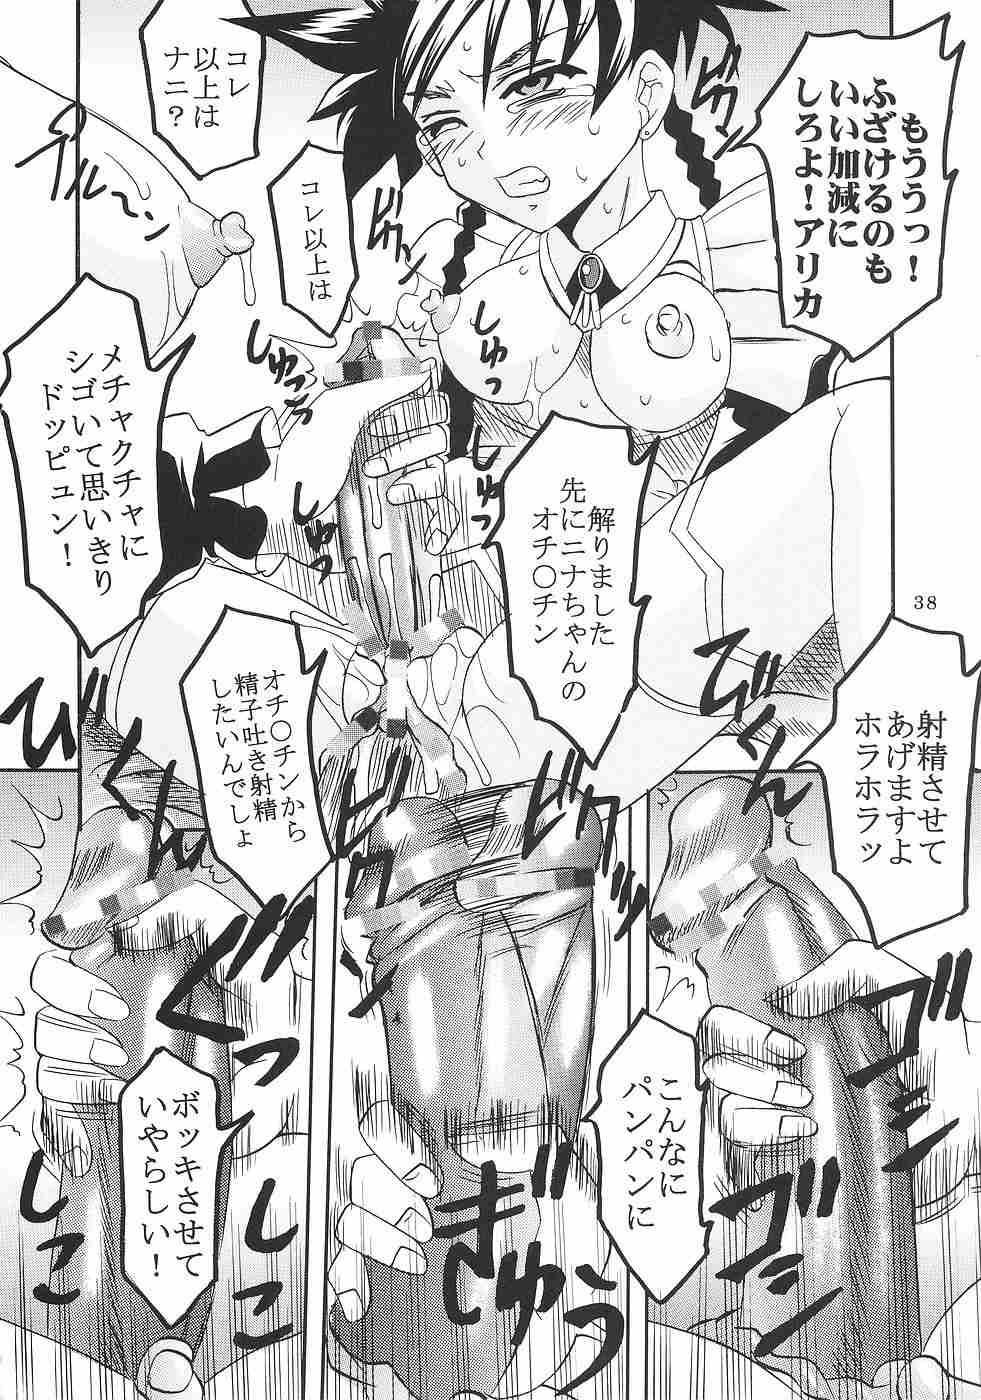 Shakume No Mai Otsukamichu 2 38